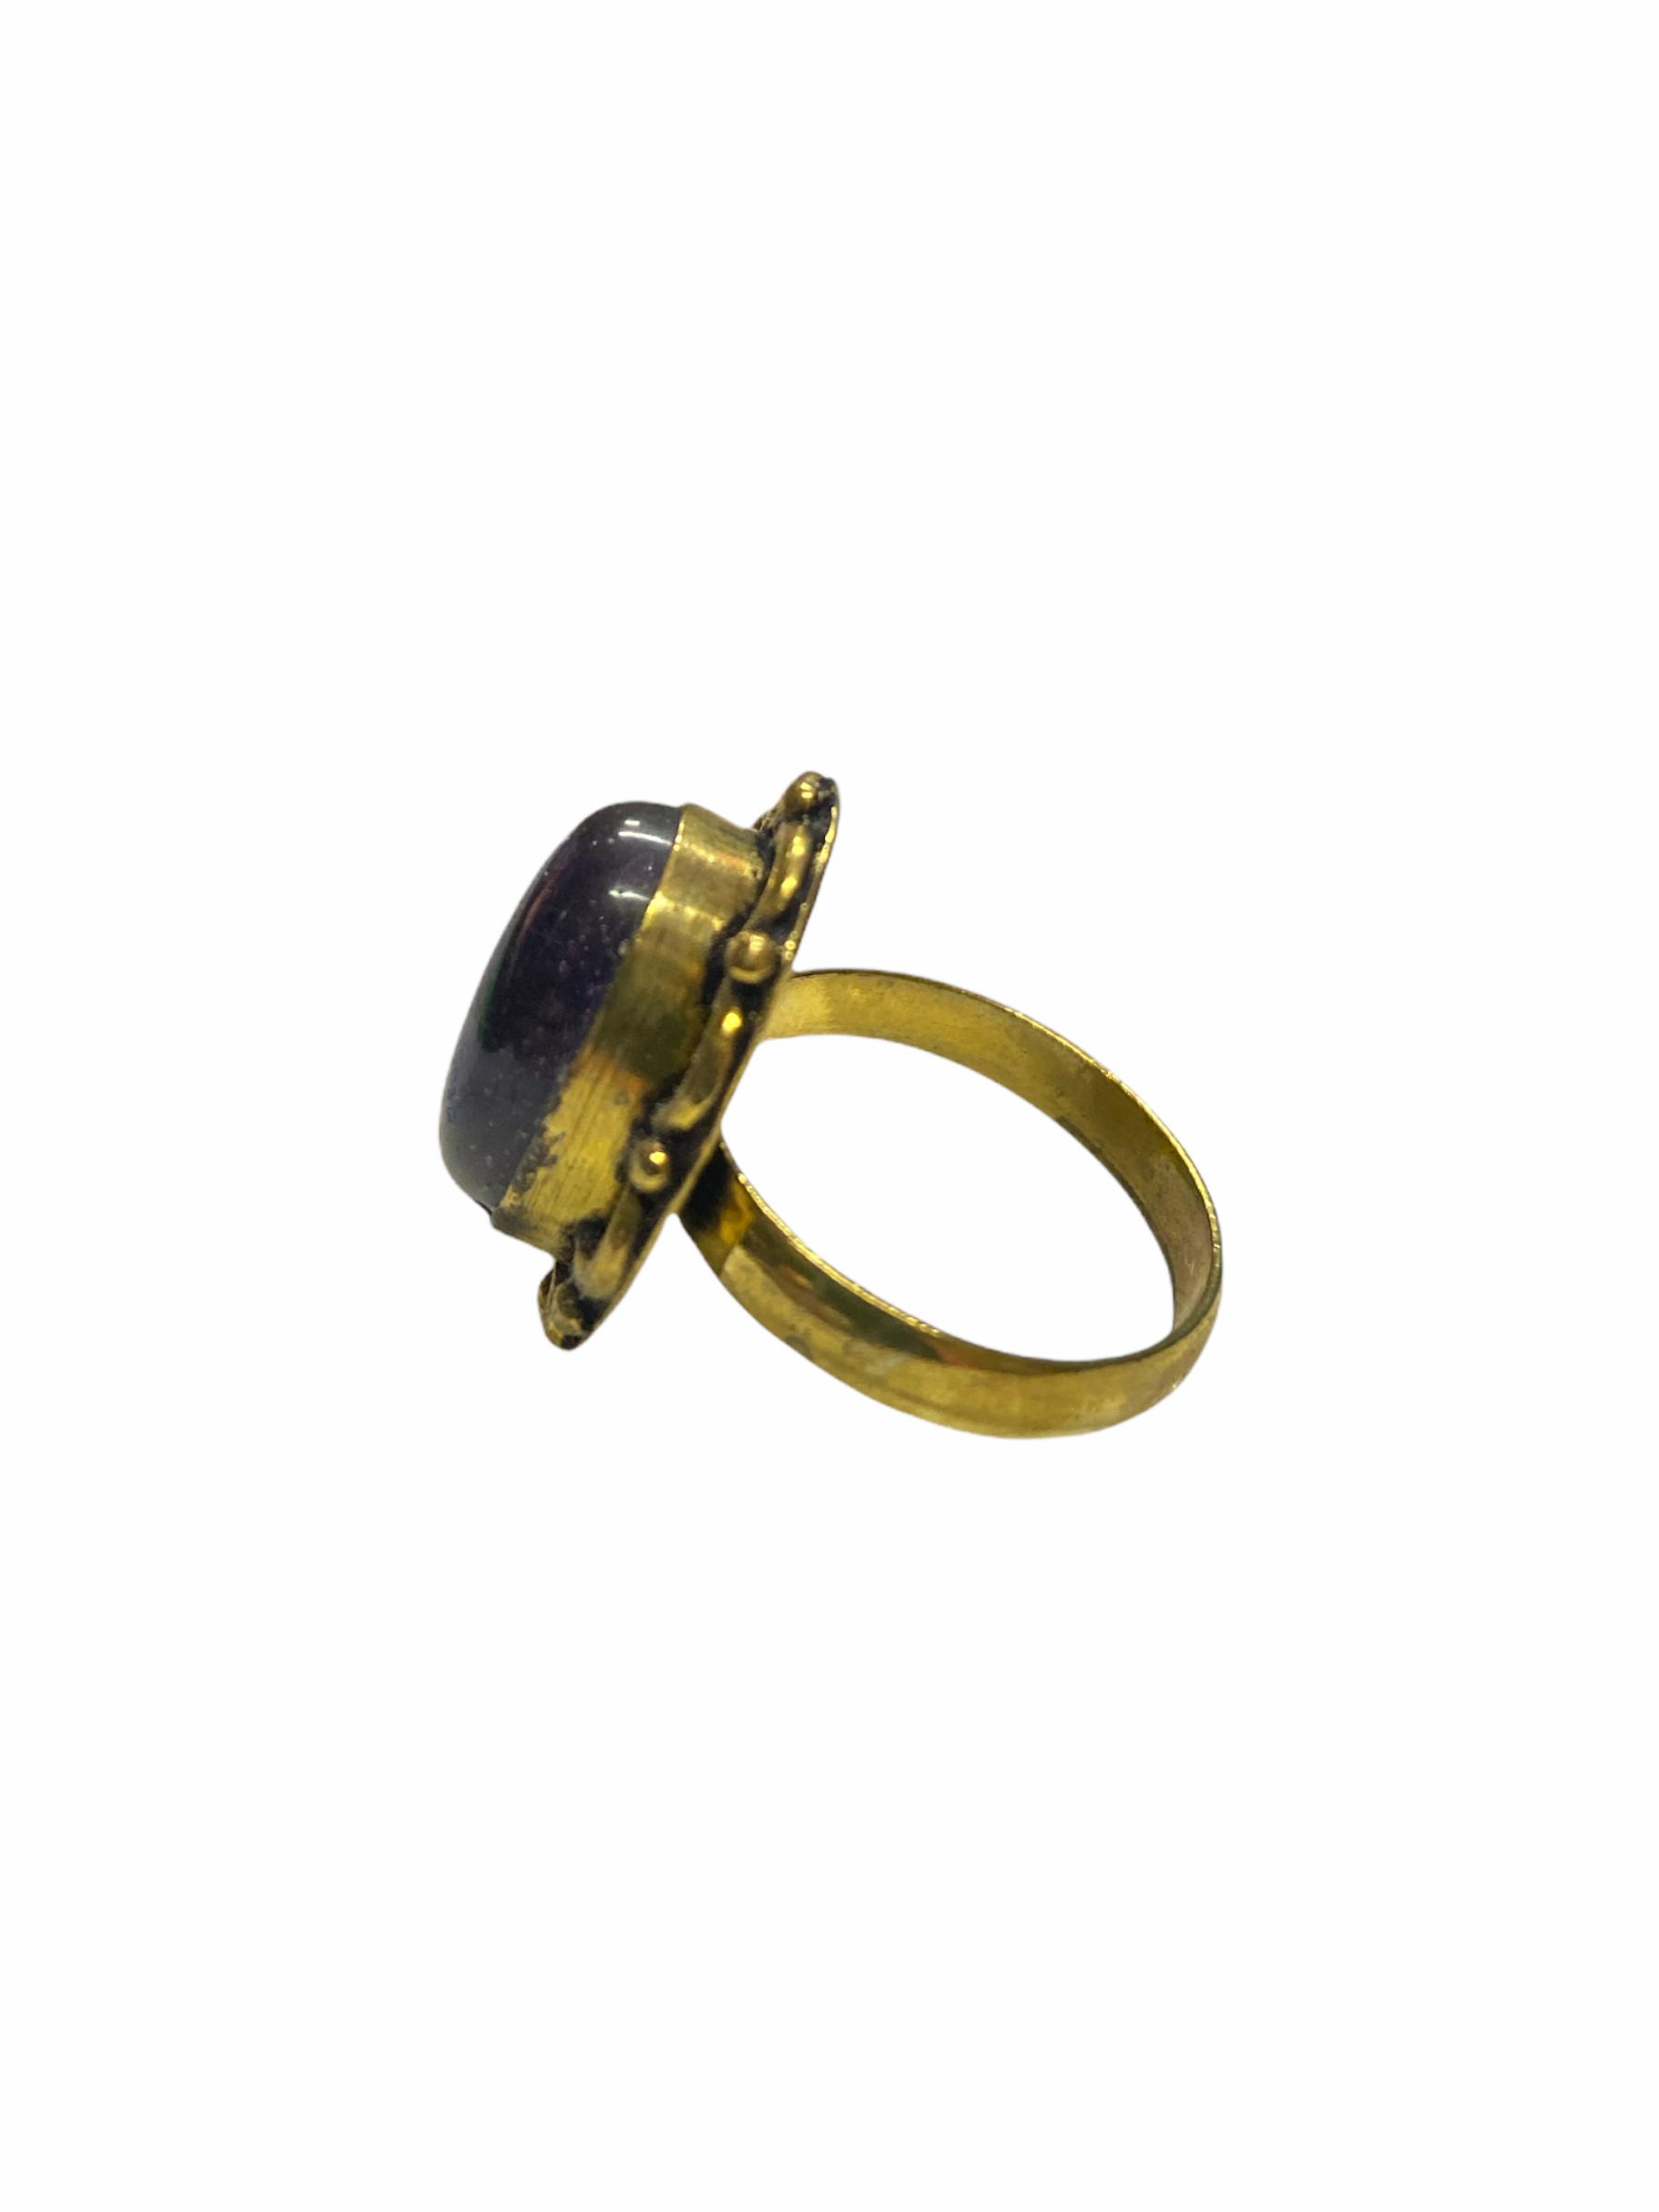 Δαχτυλίδι Χειροποίητο Με Αμέθυστο Σε Χρυσό Χρώμα